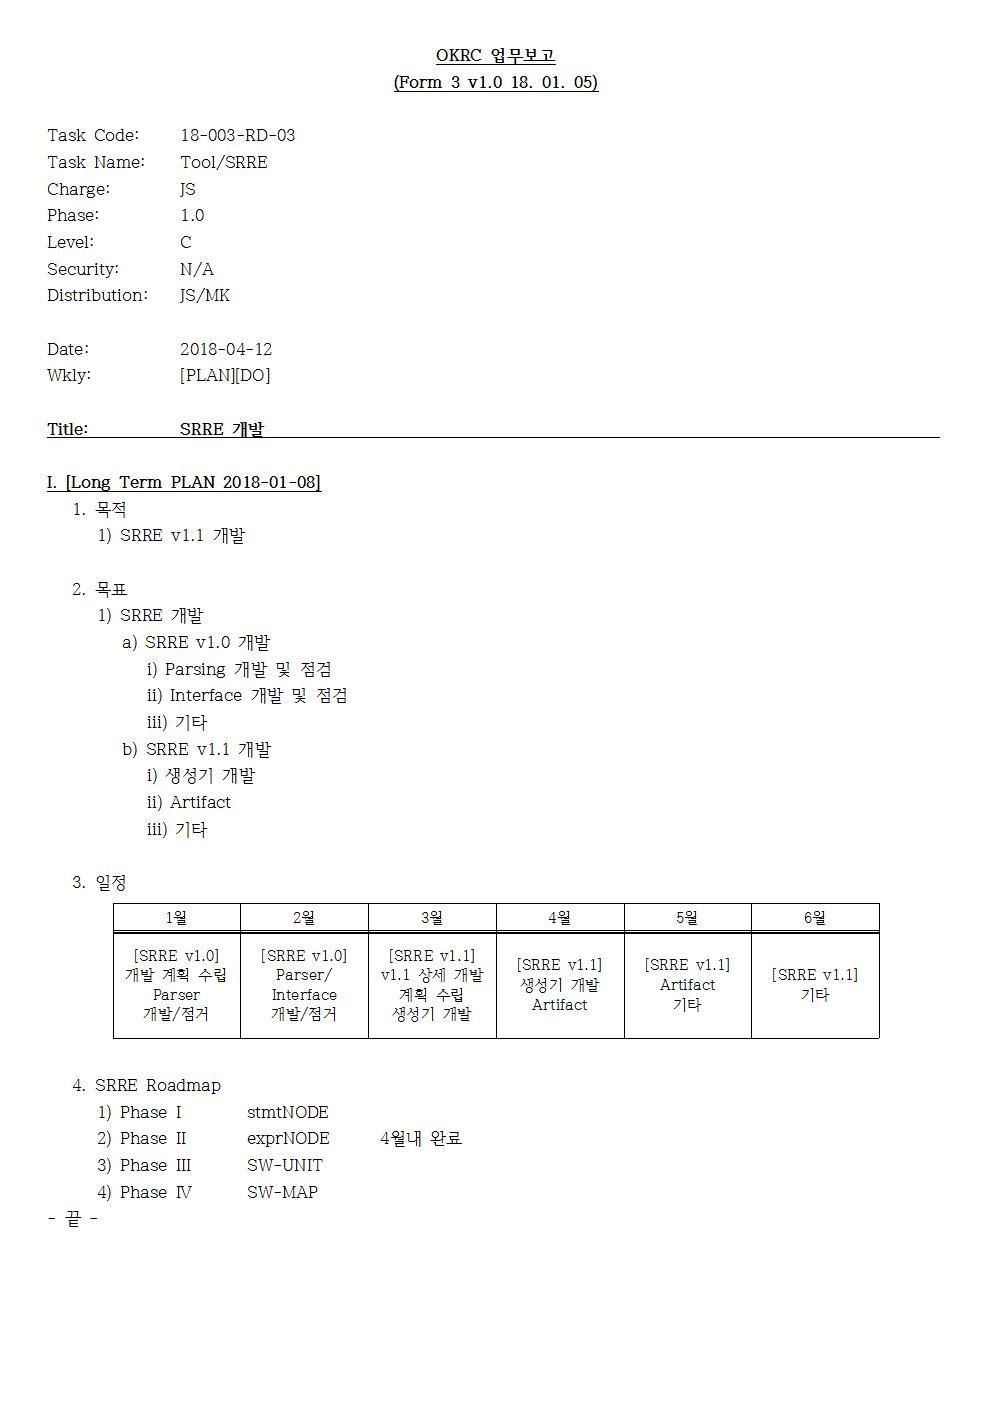 D-[18-003-RD-03]-[SRRE]-[2018-04-12][JS]001.jpg